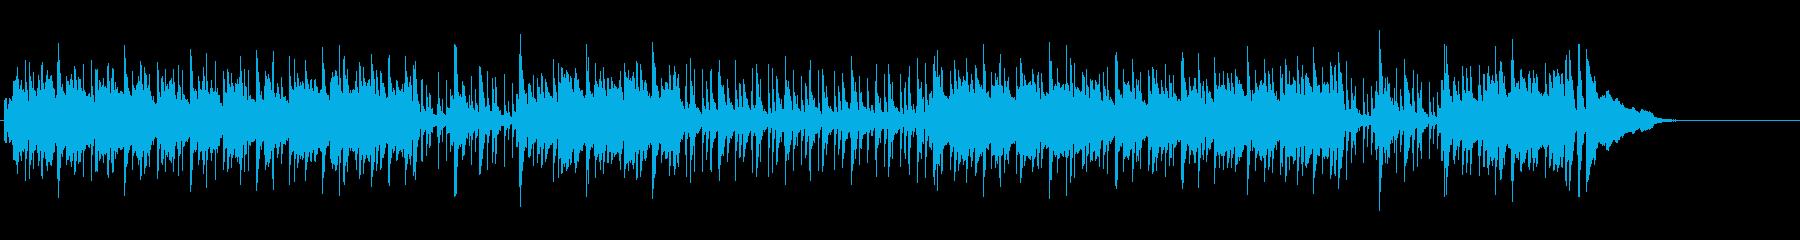 マンボのリズムで楽しく明るいBGMの再生済みの波形